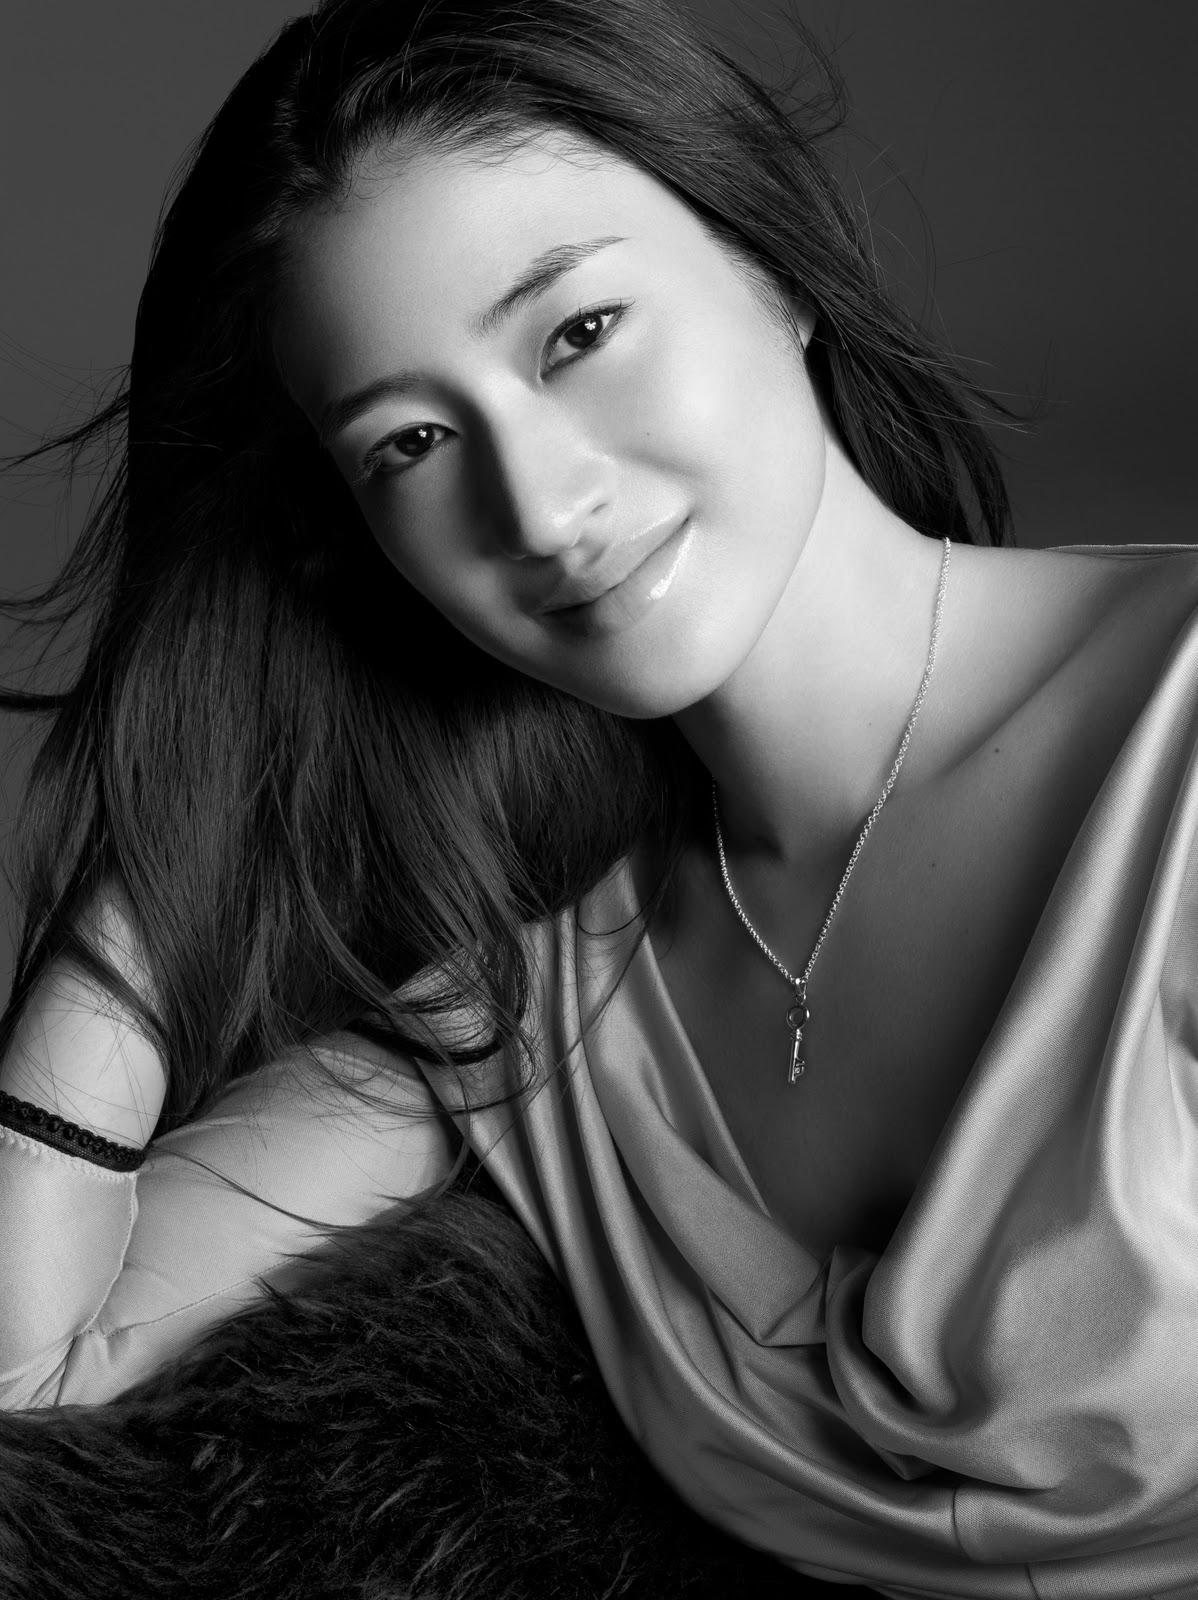 Asianwoman9 Most Beautiful Asian Women-2512